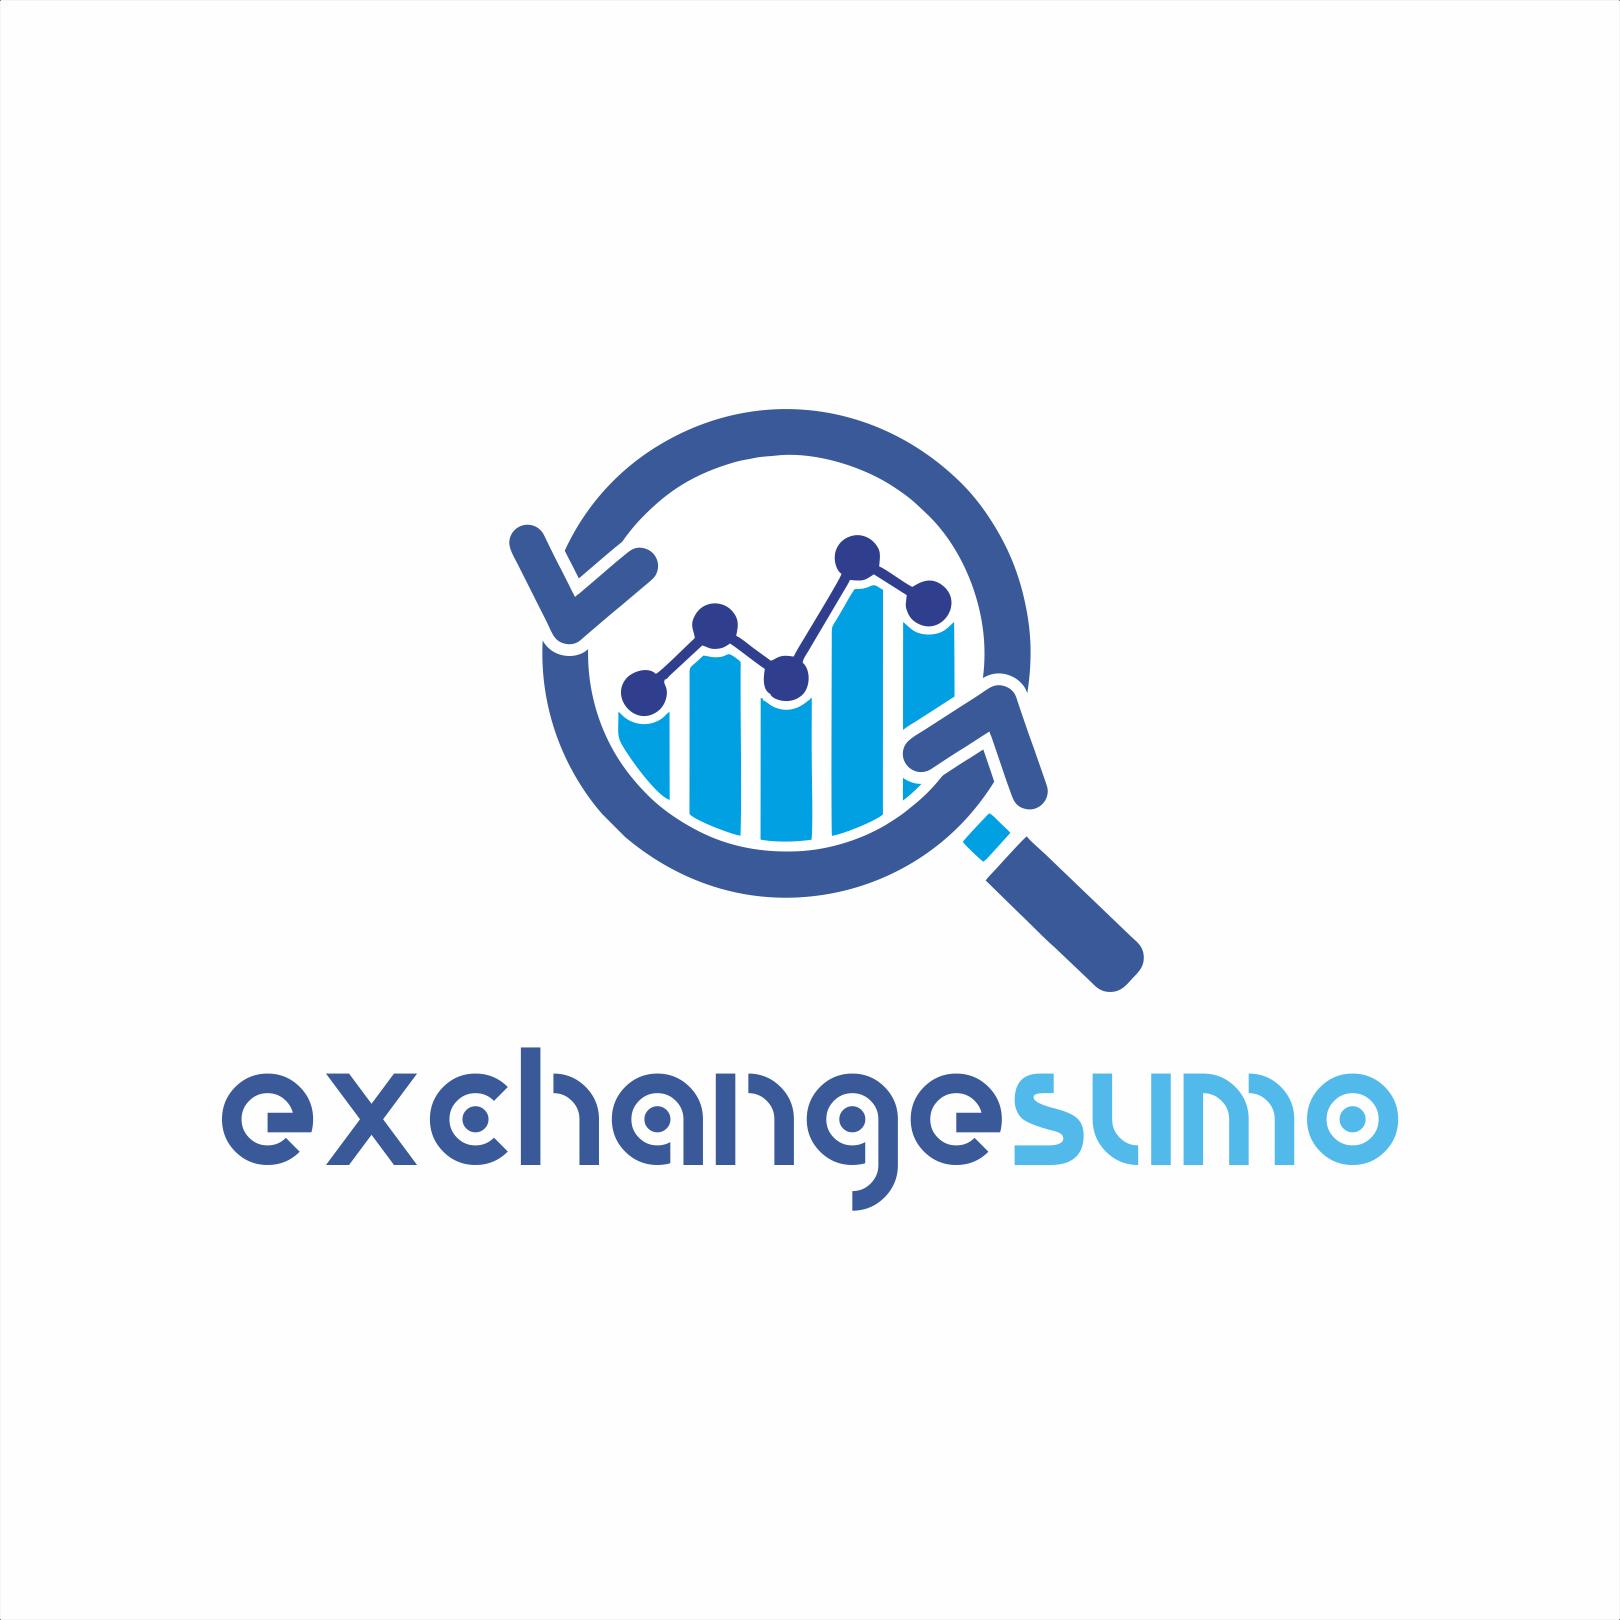 Логотип для мониторинга обменников фото f_8485bab927d2f285.png